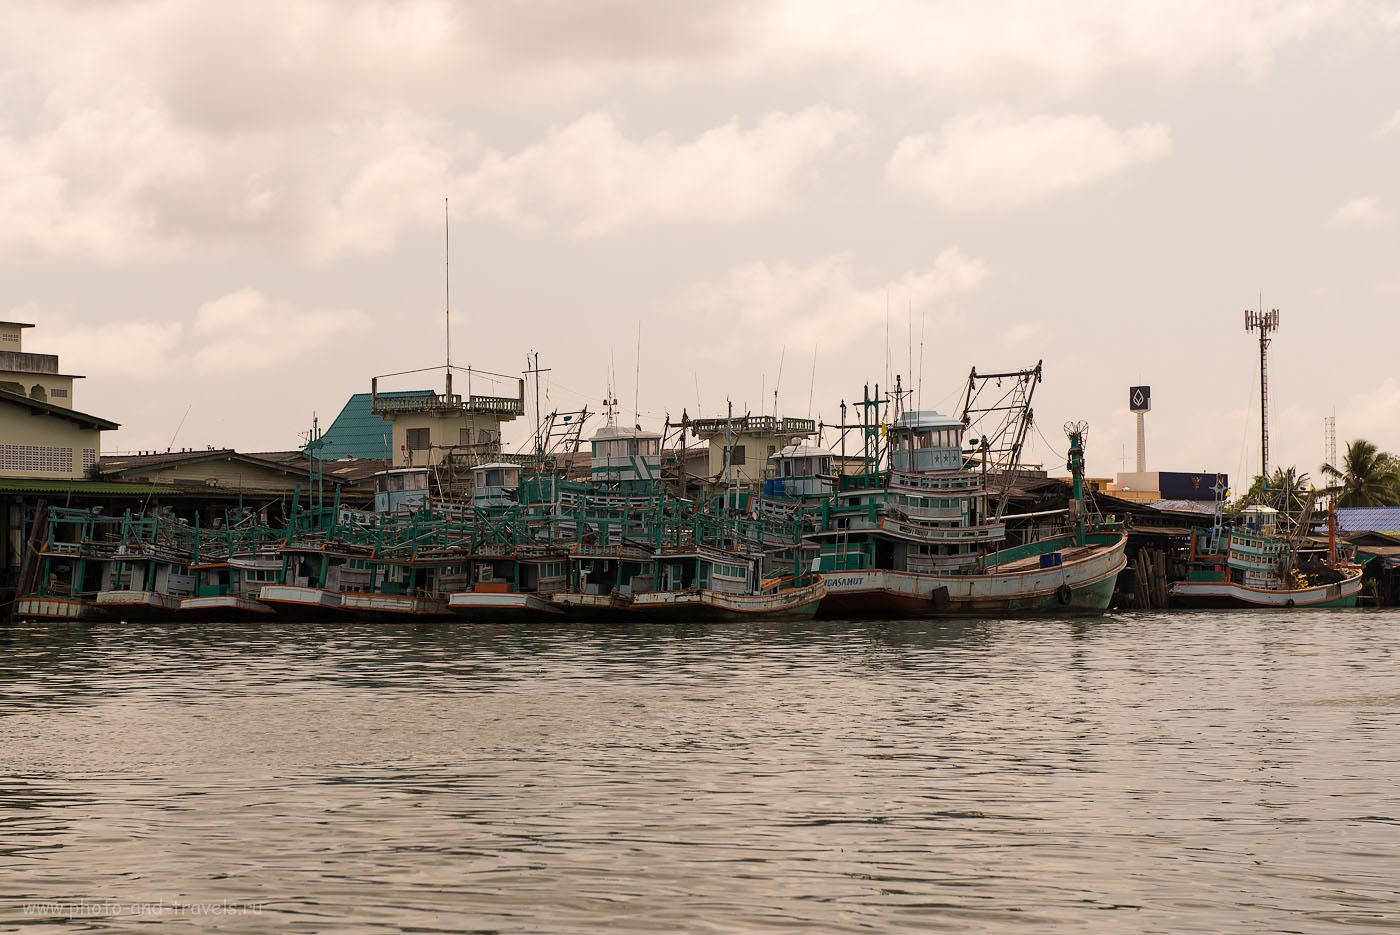 Фото 18. Полчища ржавых посудин в рыбацкой деревне в Тайланде. Не знаю, есть ли что интересного в Чумпхон, но в этом месте нам очень понравилось (320, 70, 8.0, 1/500)